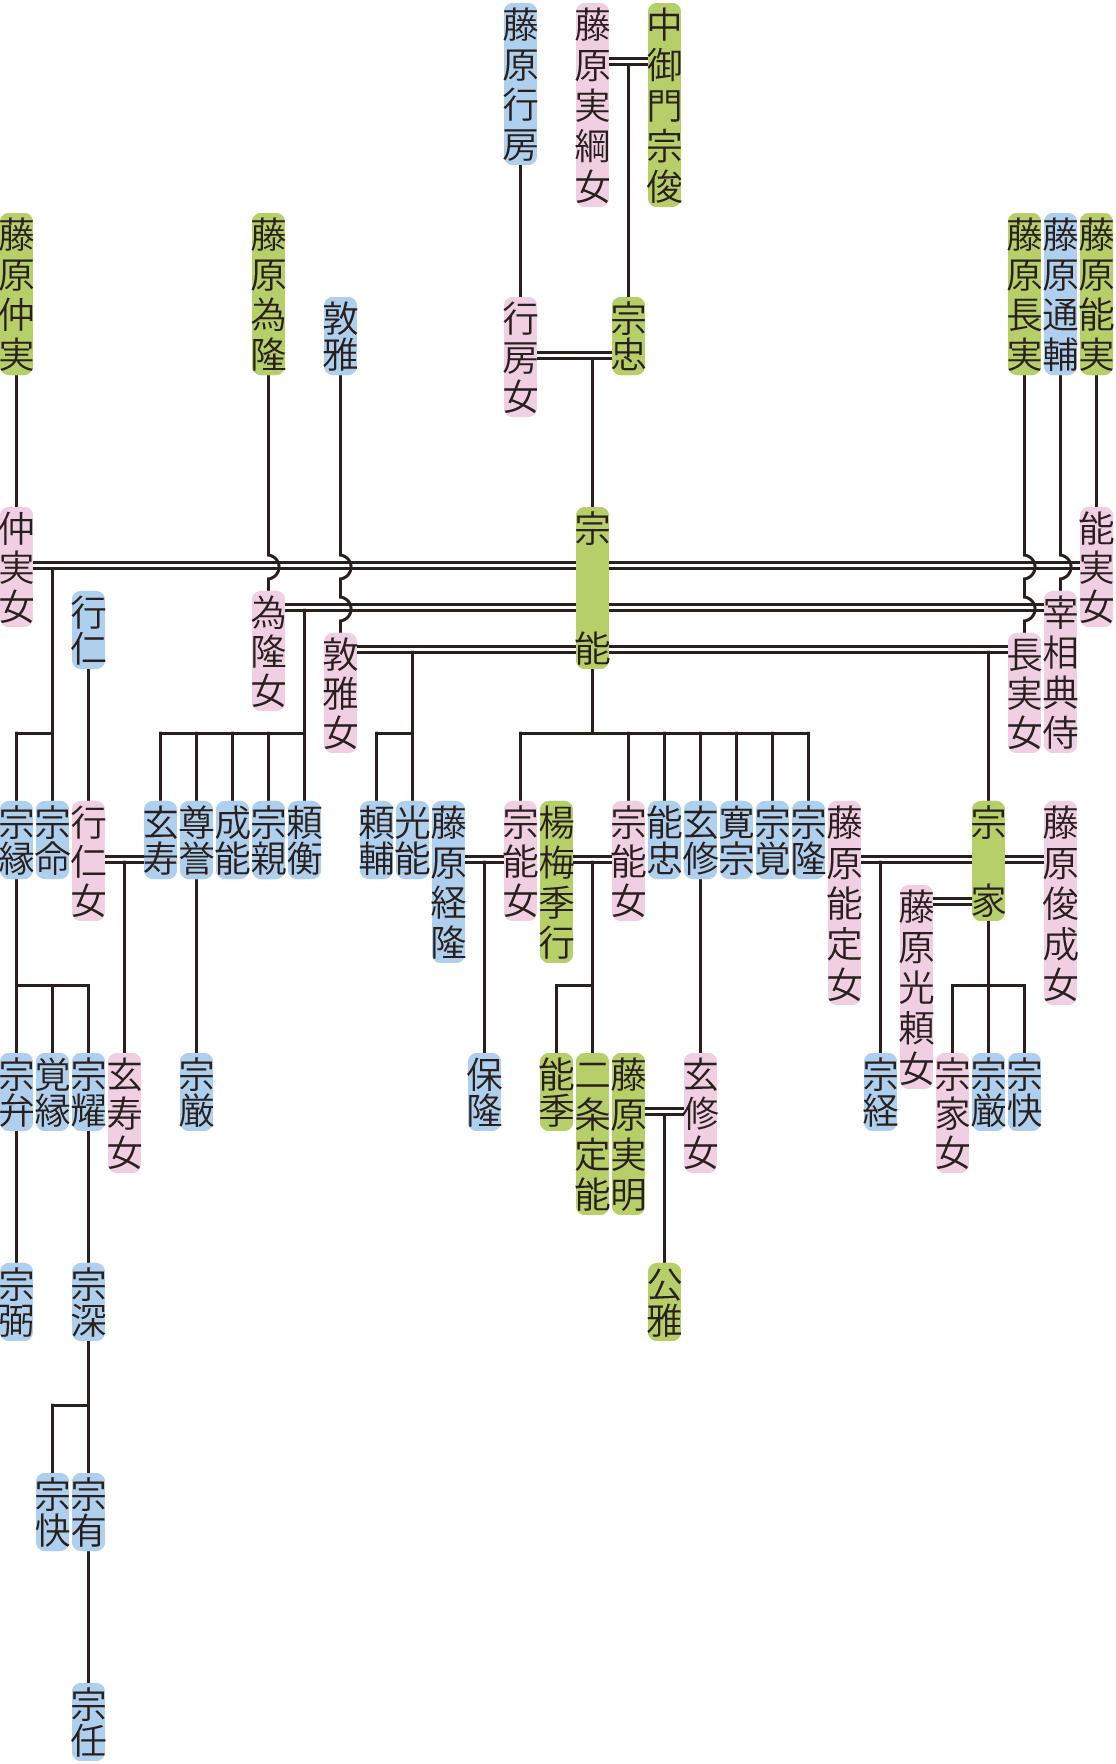 中御門宗能の系図